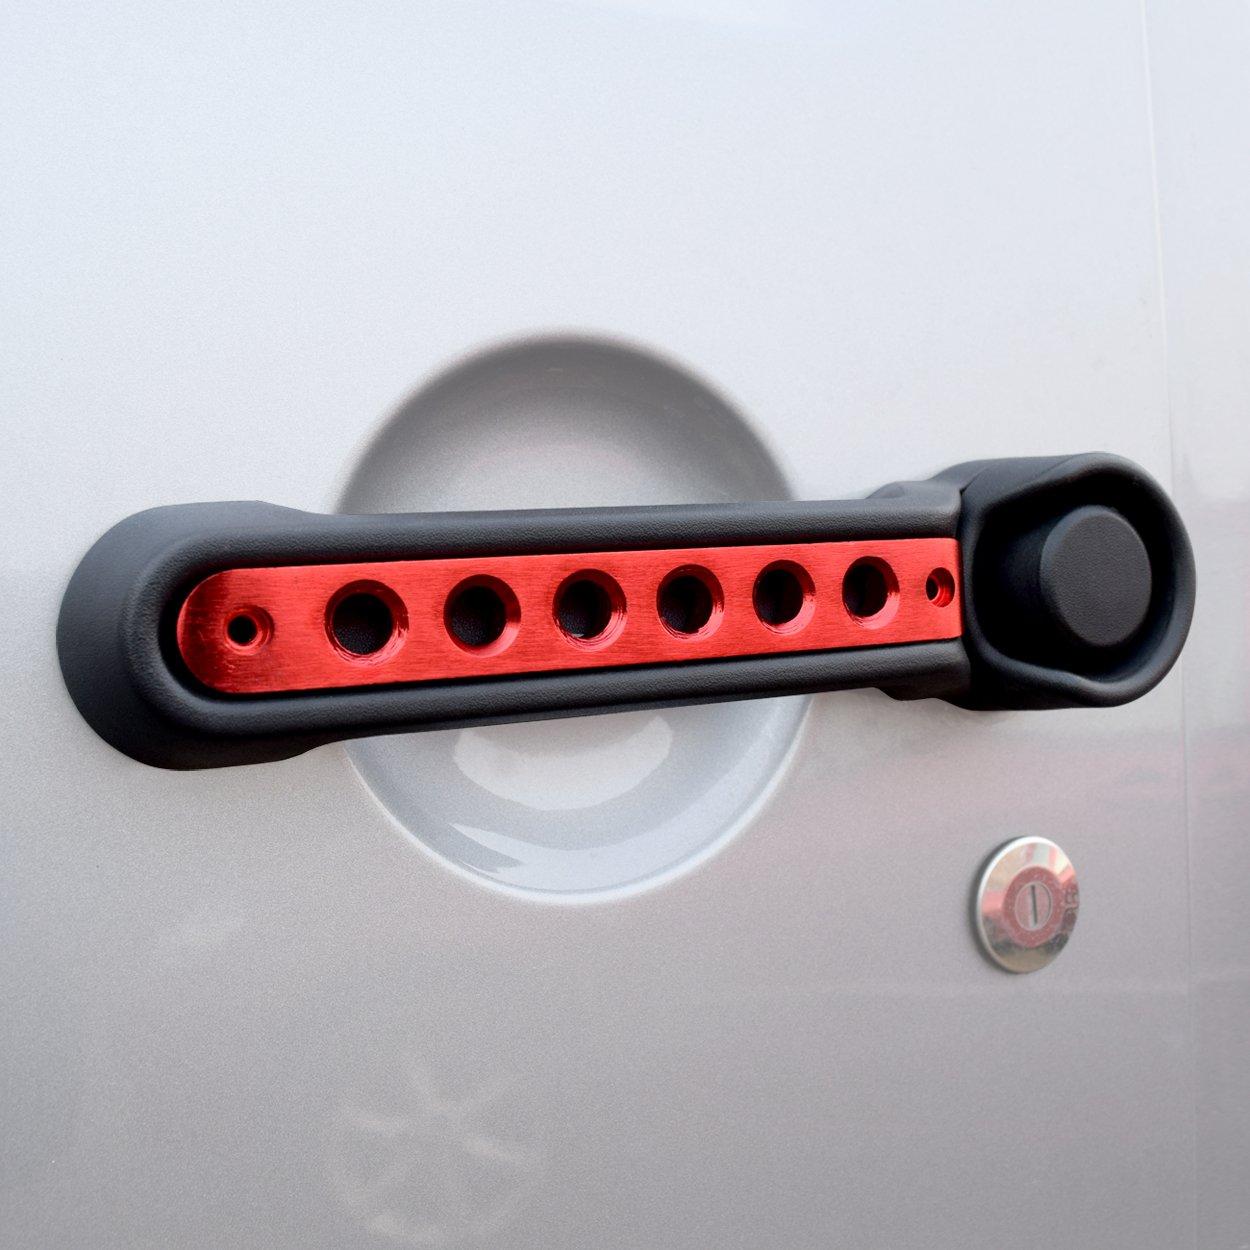 Allinoneparts Door Handle Inserts Front Rear Red Aluminum Grab Handle Cover Trim for 2007-2018 Jeep Wrangler JK JKU/& Unlimited Accessories 2 Door-3 Pcs